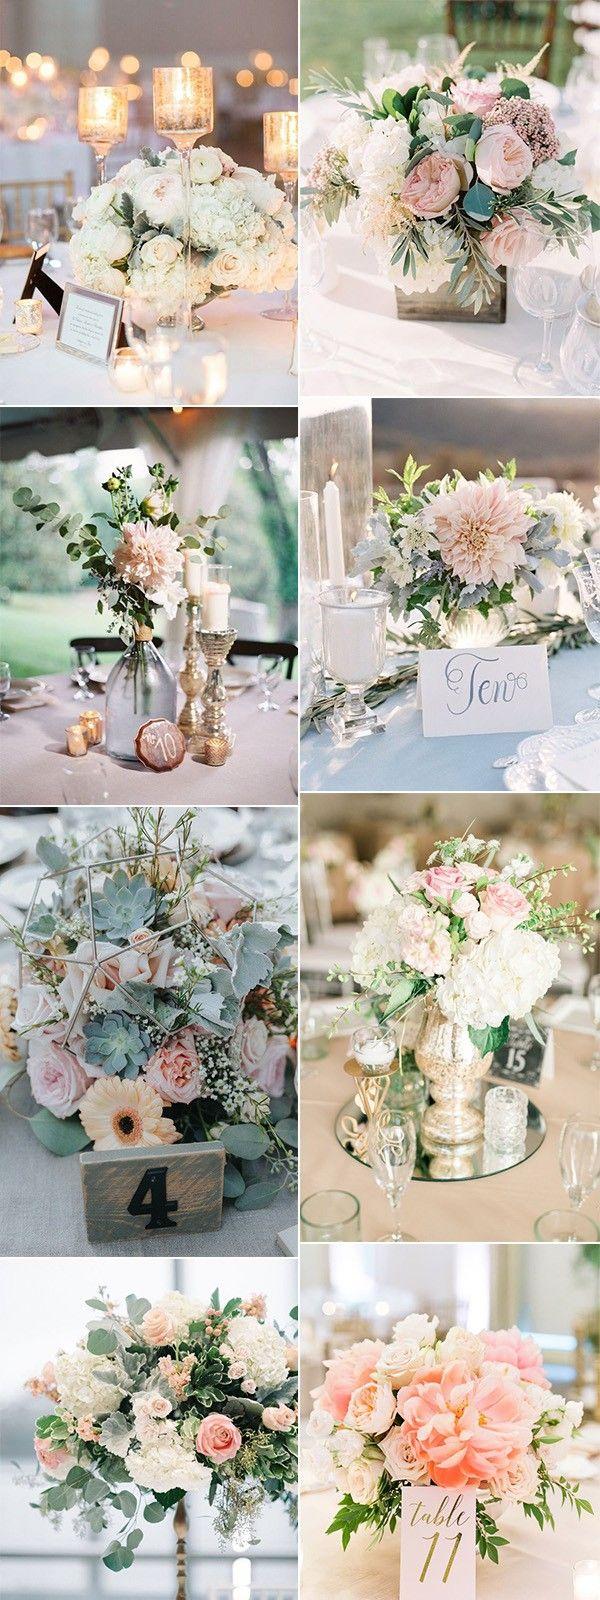 elegante roze bruiloft middelpuntideeën voor de zomer